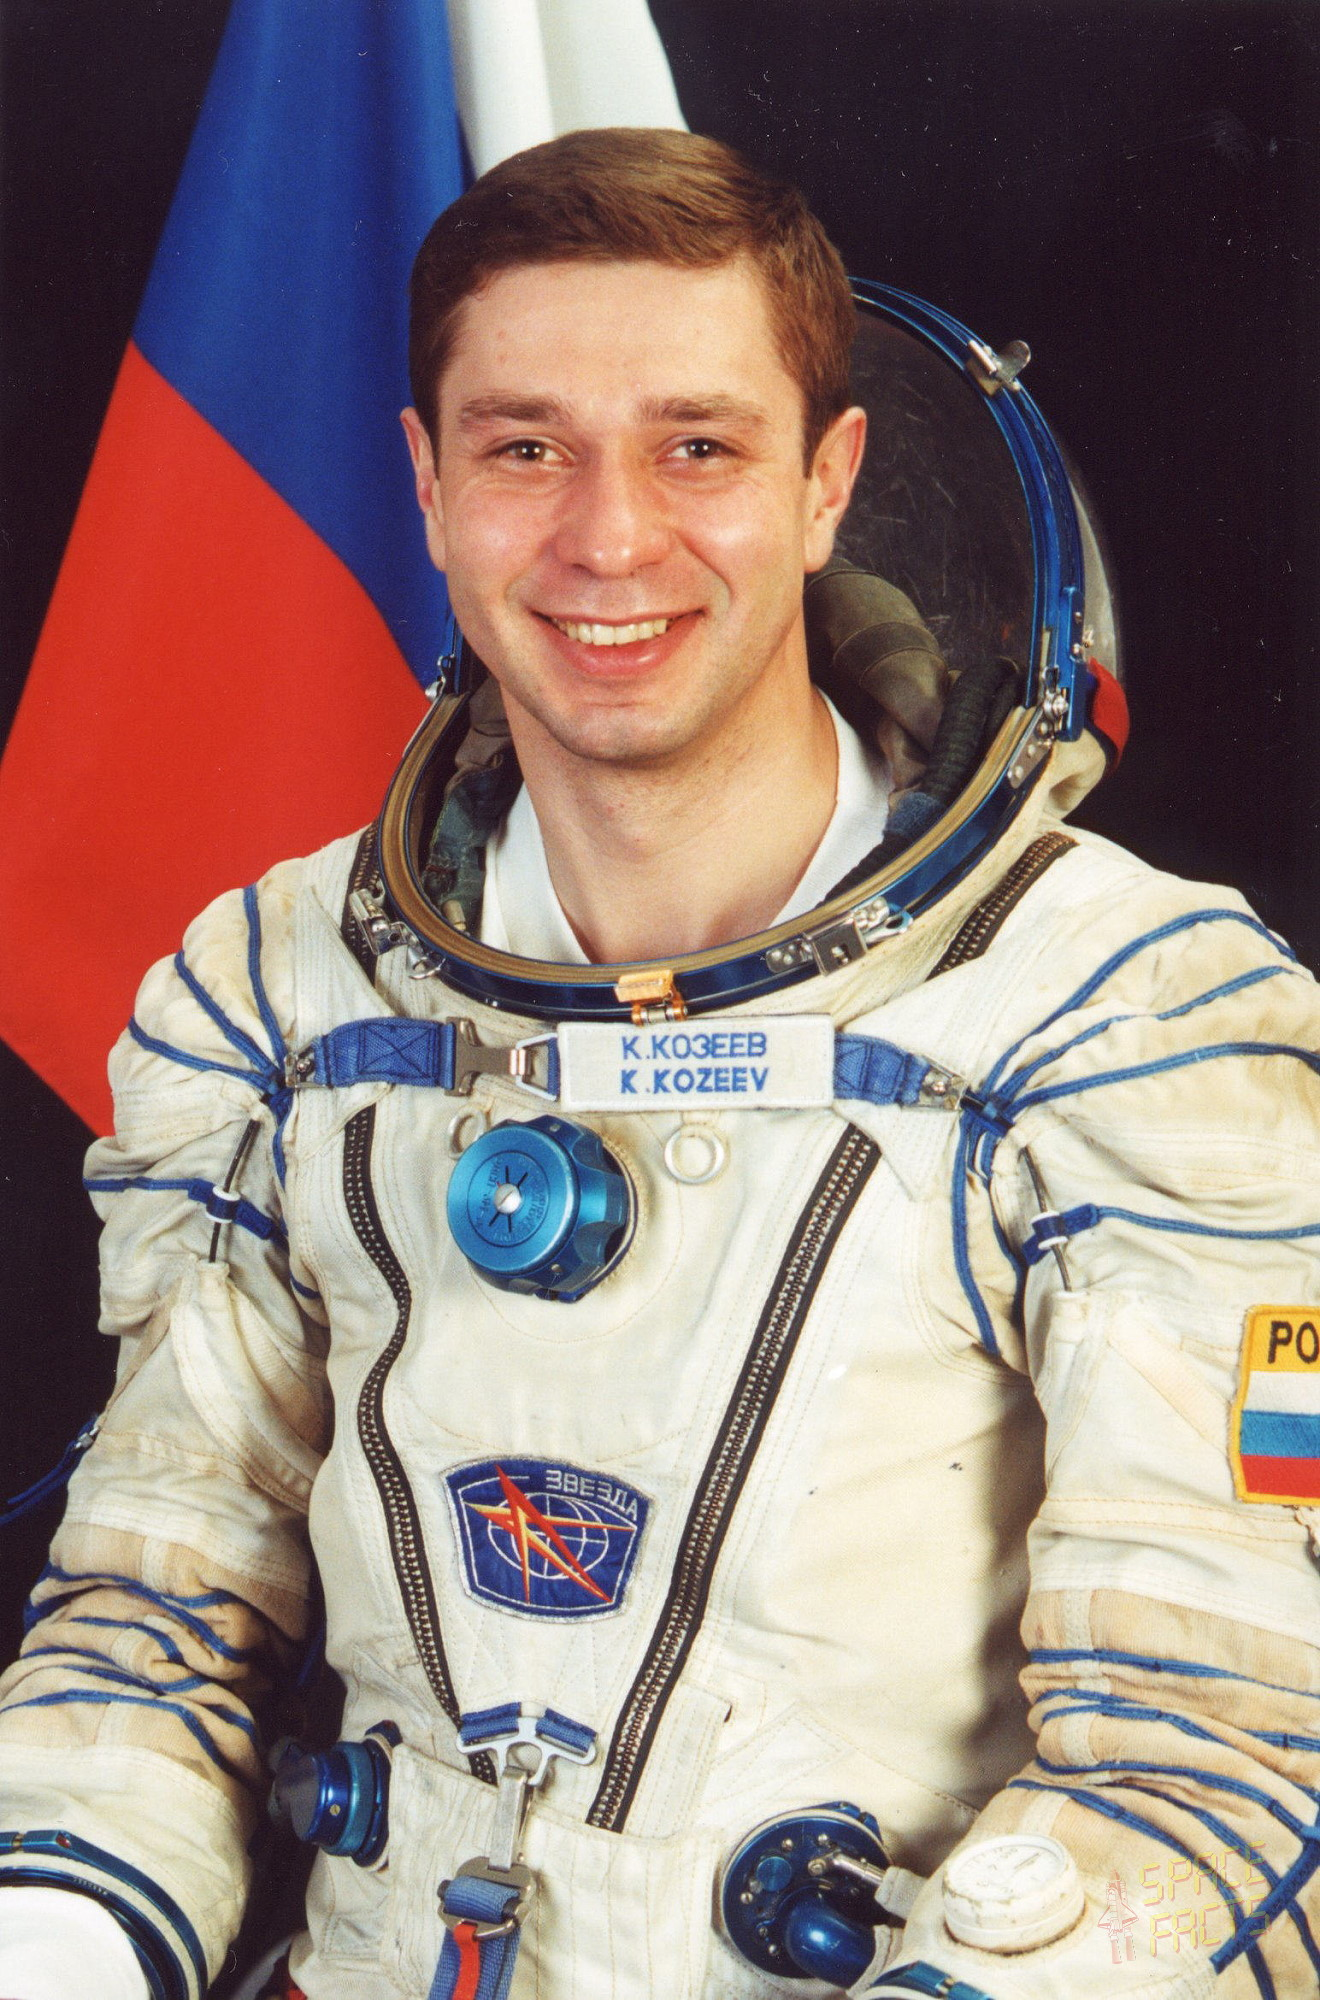 Козеев Константин Мирович, космонавт